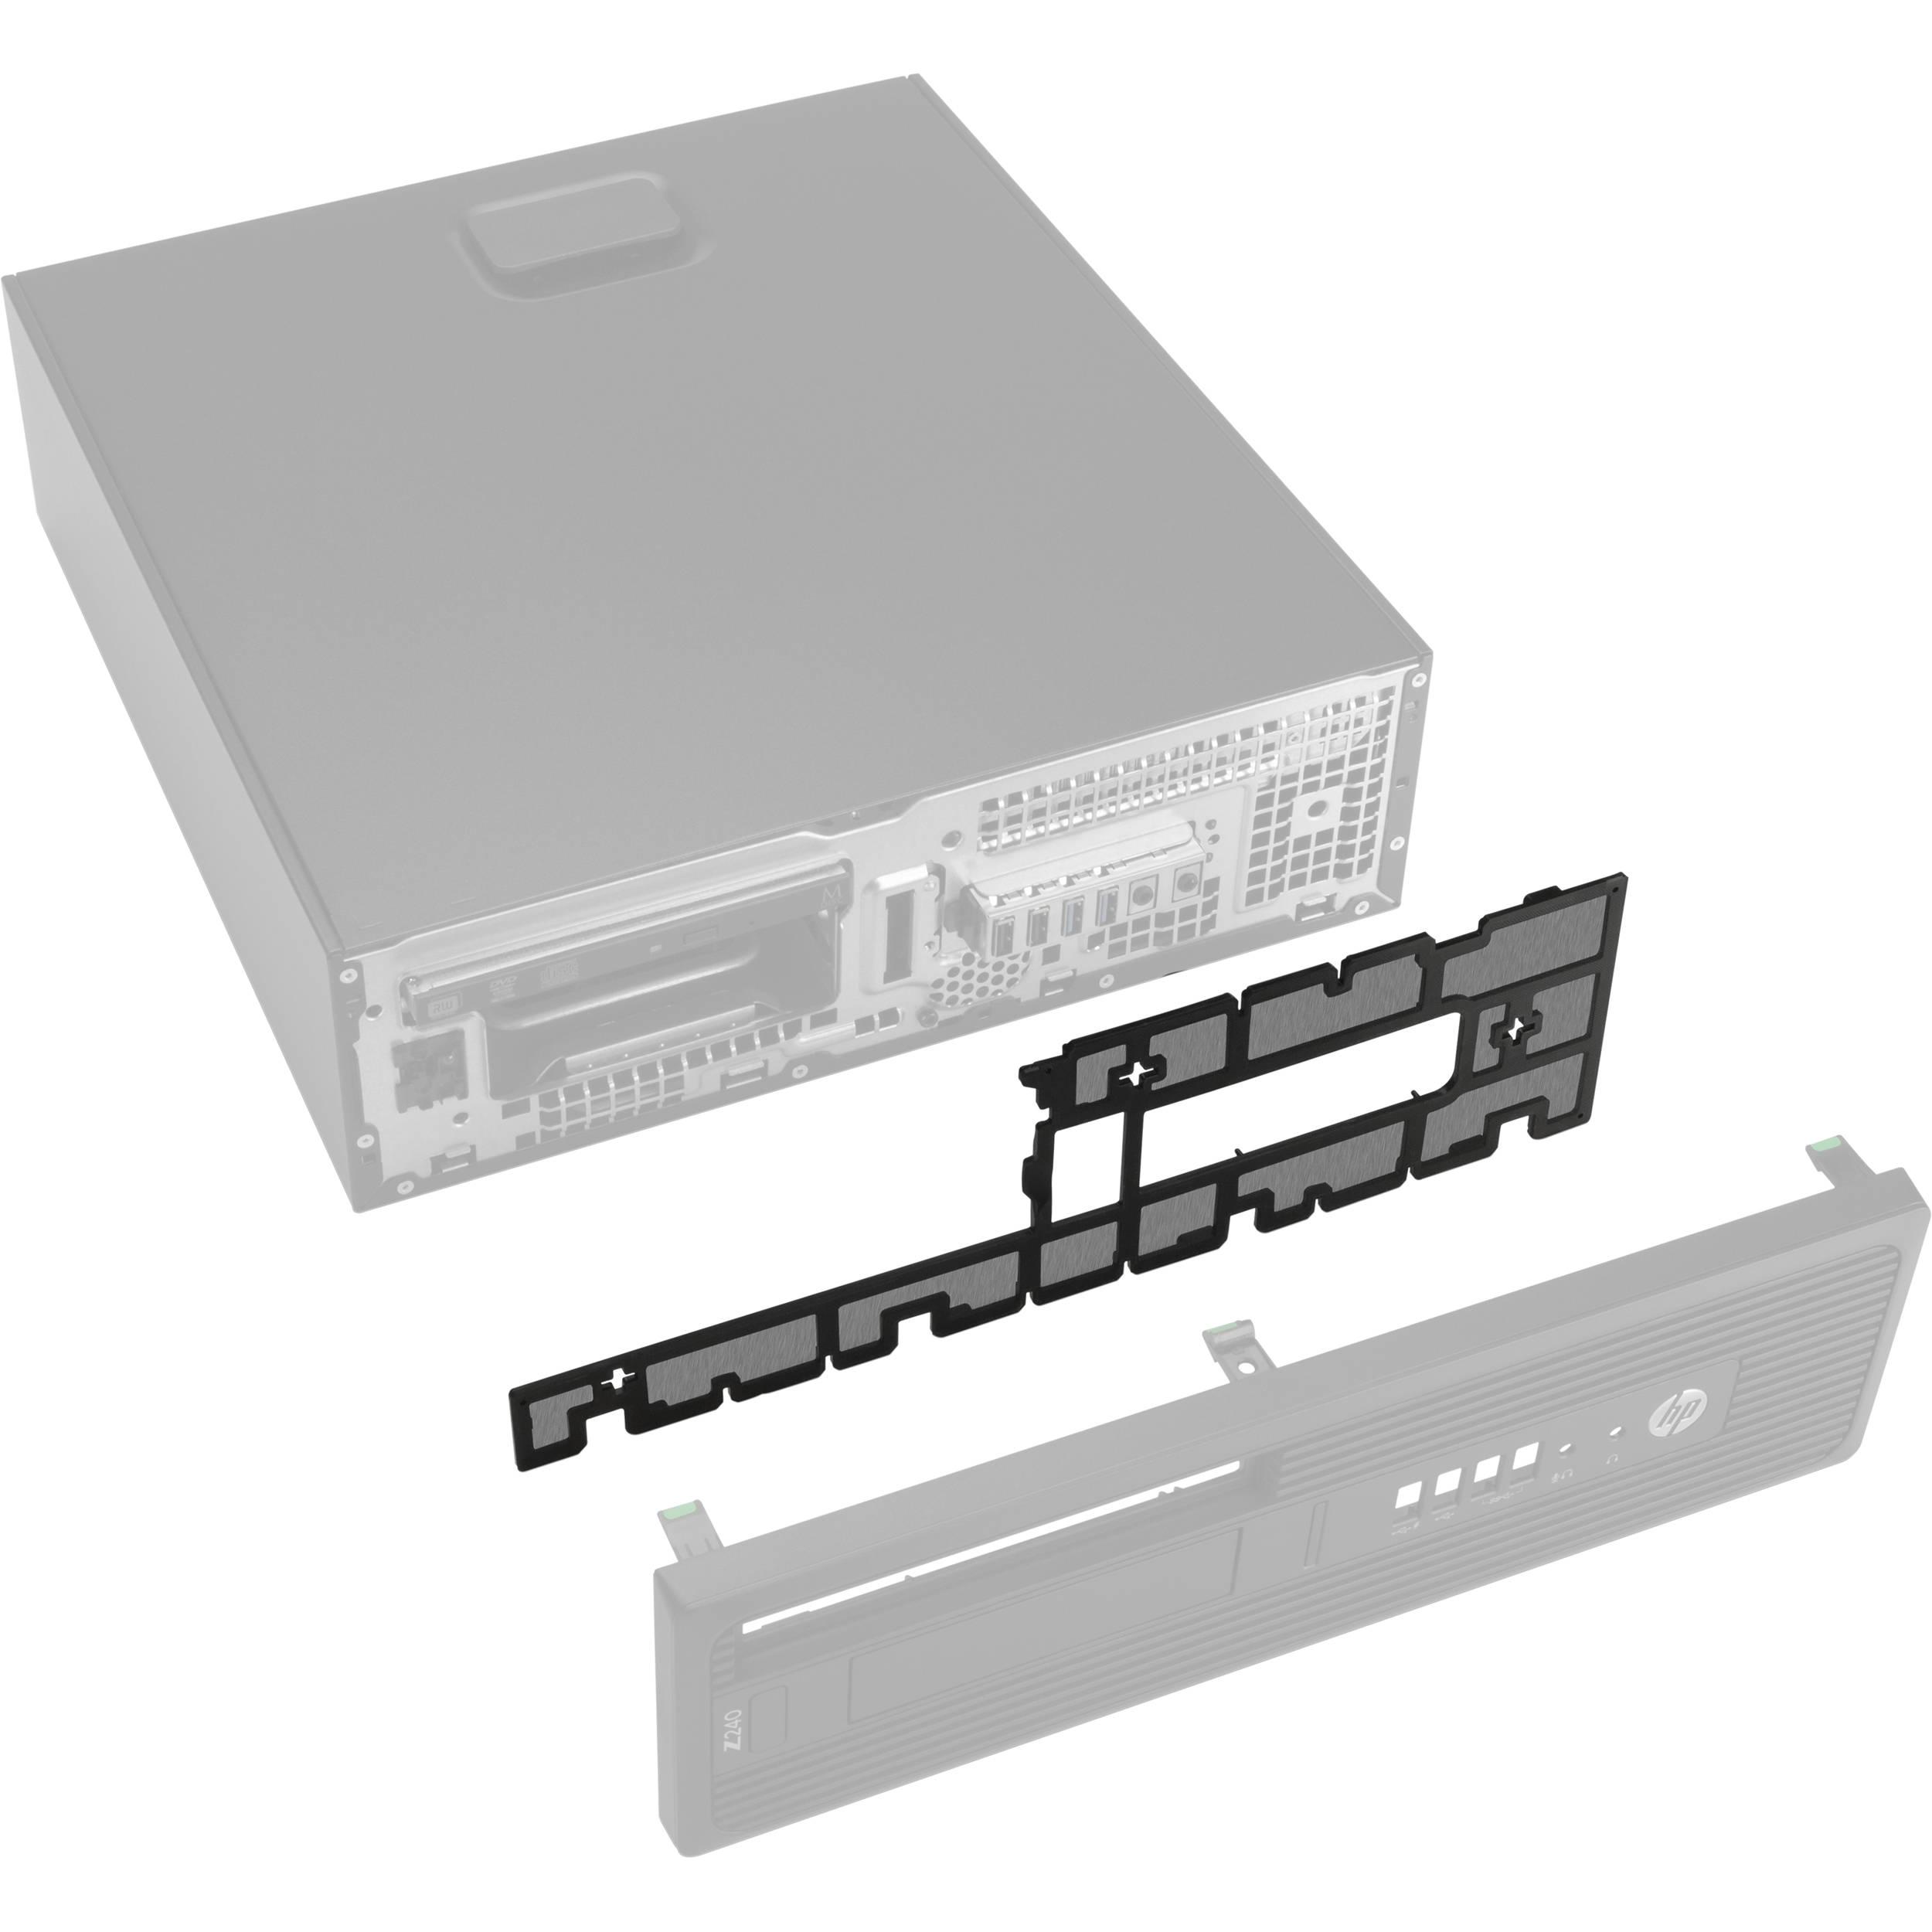 HP Dust Filter bezel for Z2 G5 Tower